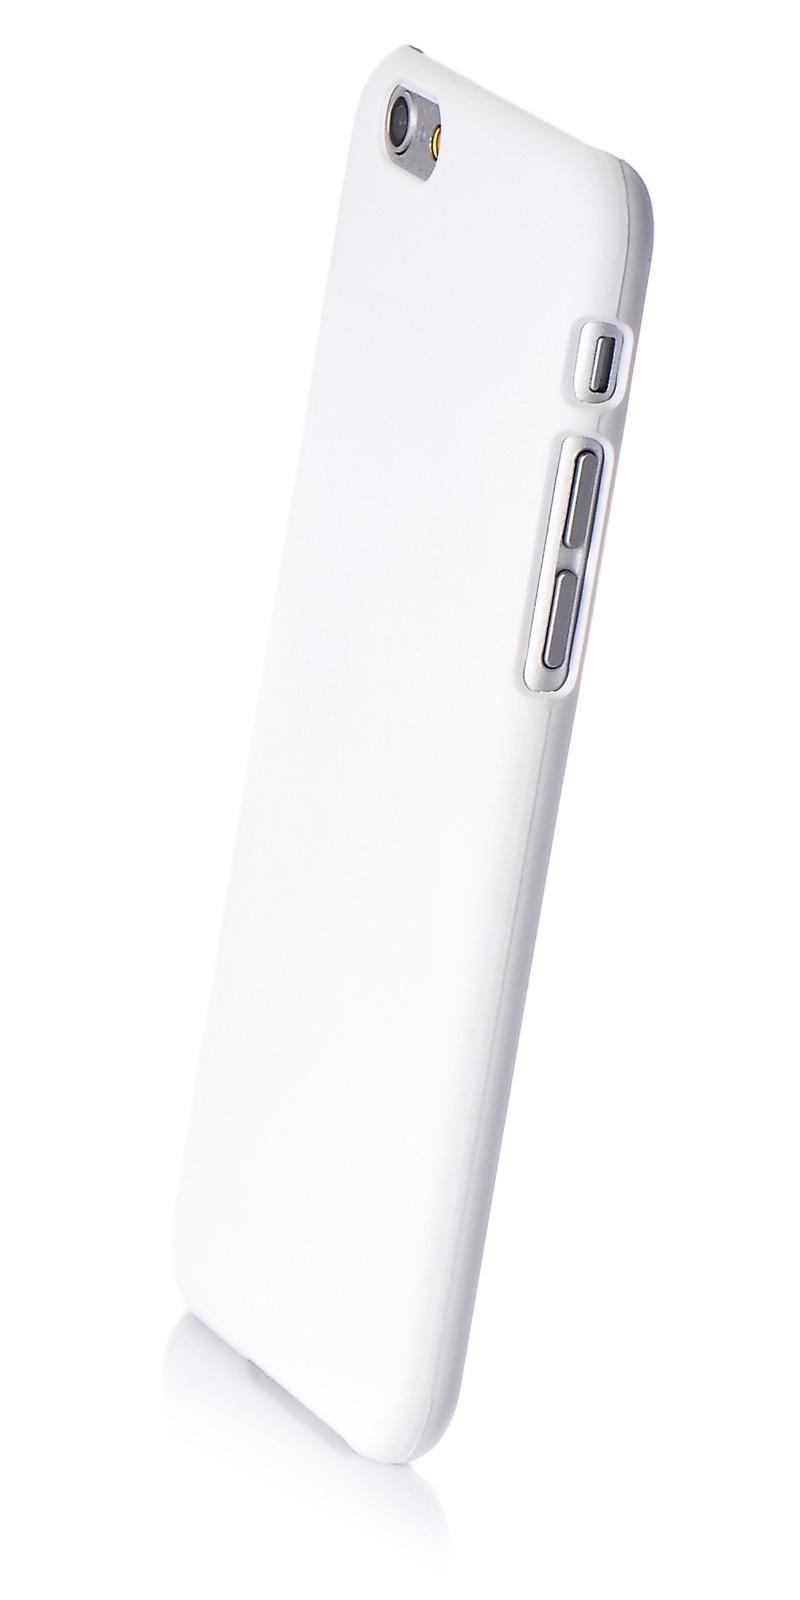 """Чехол для сотового телефона iNeez накладка пластик soft touch открытый 580044 для Apple iPhone 6/6S 4.7"""", белый"""